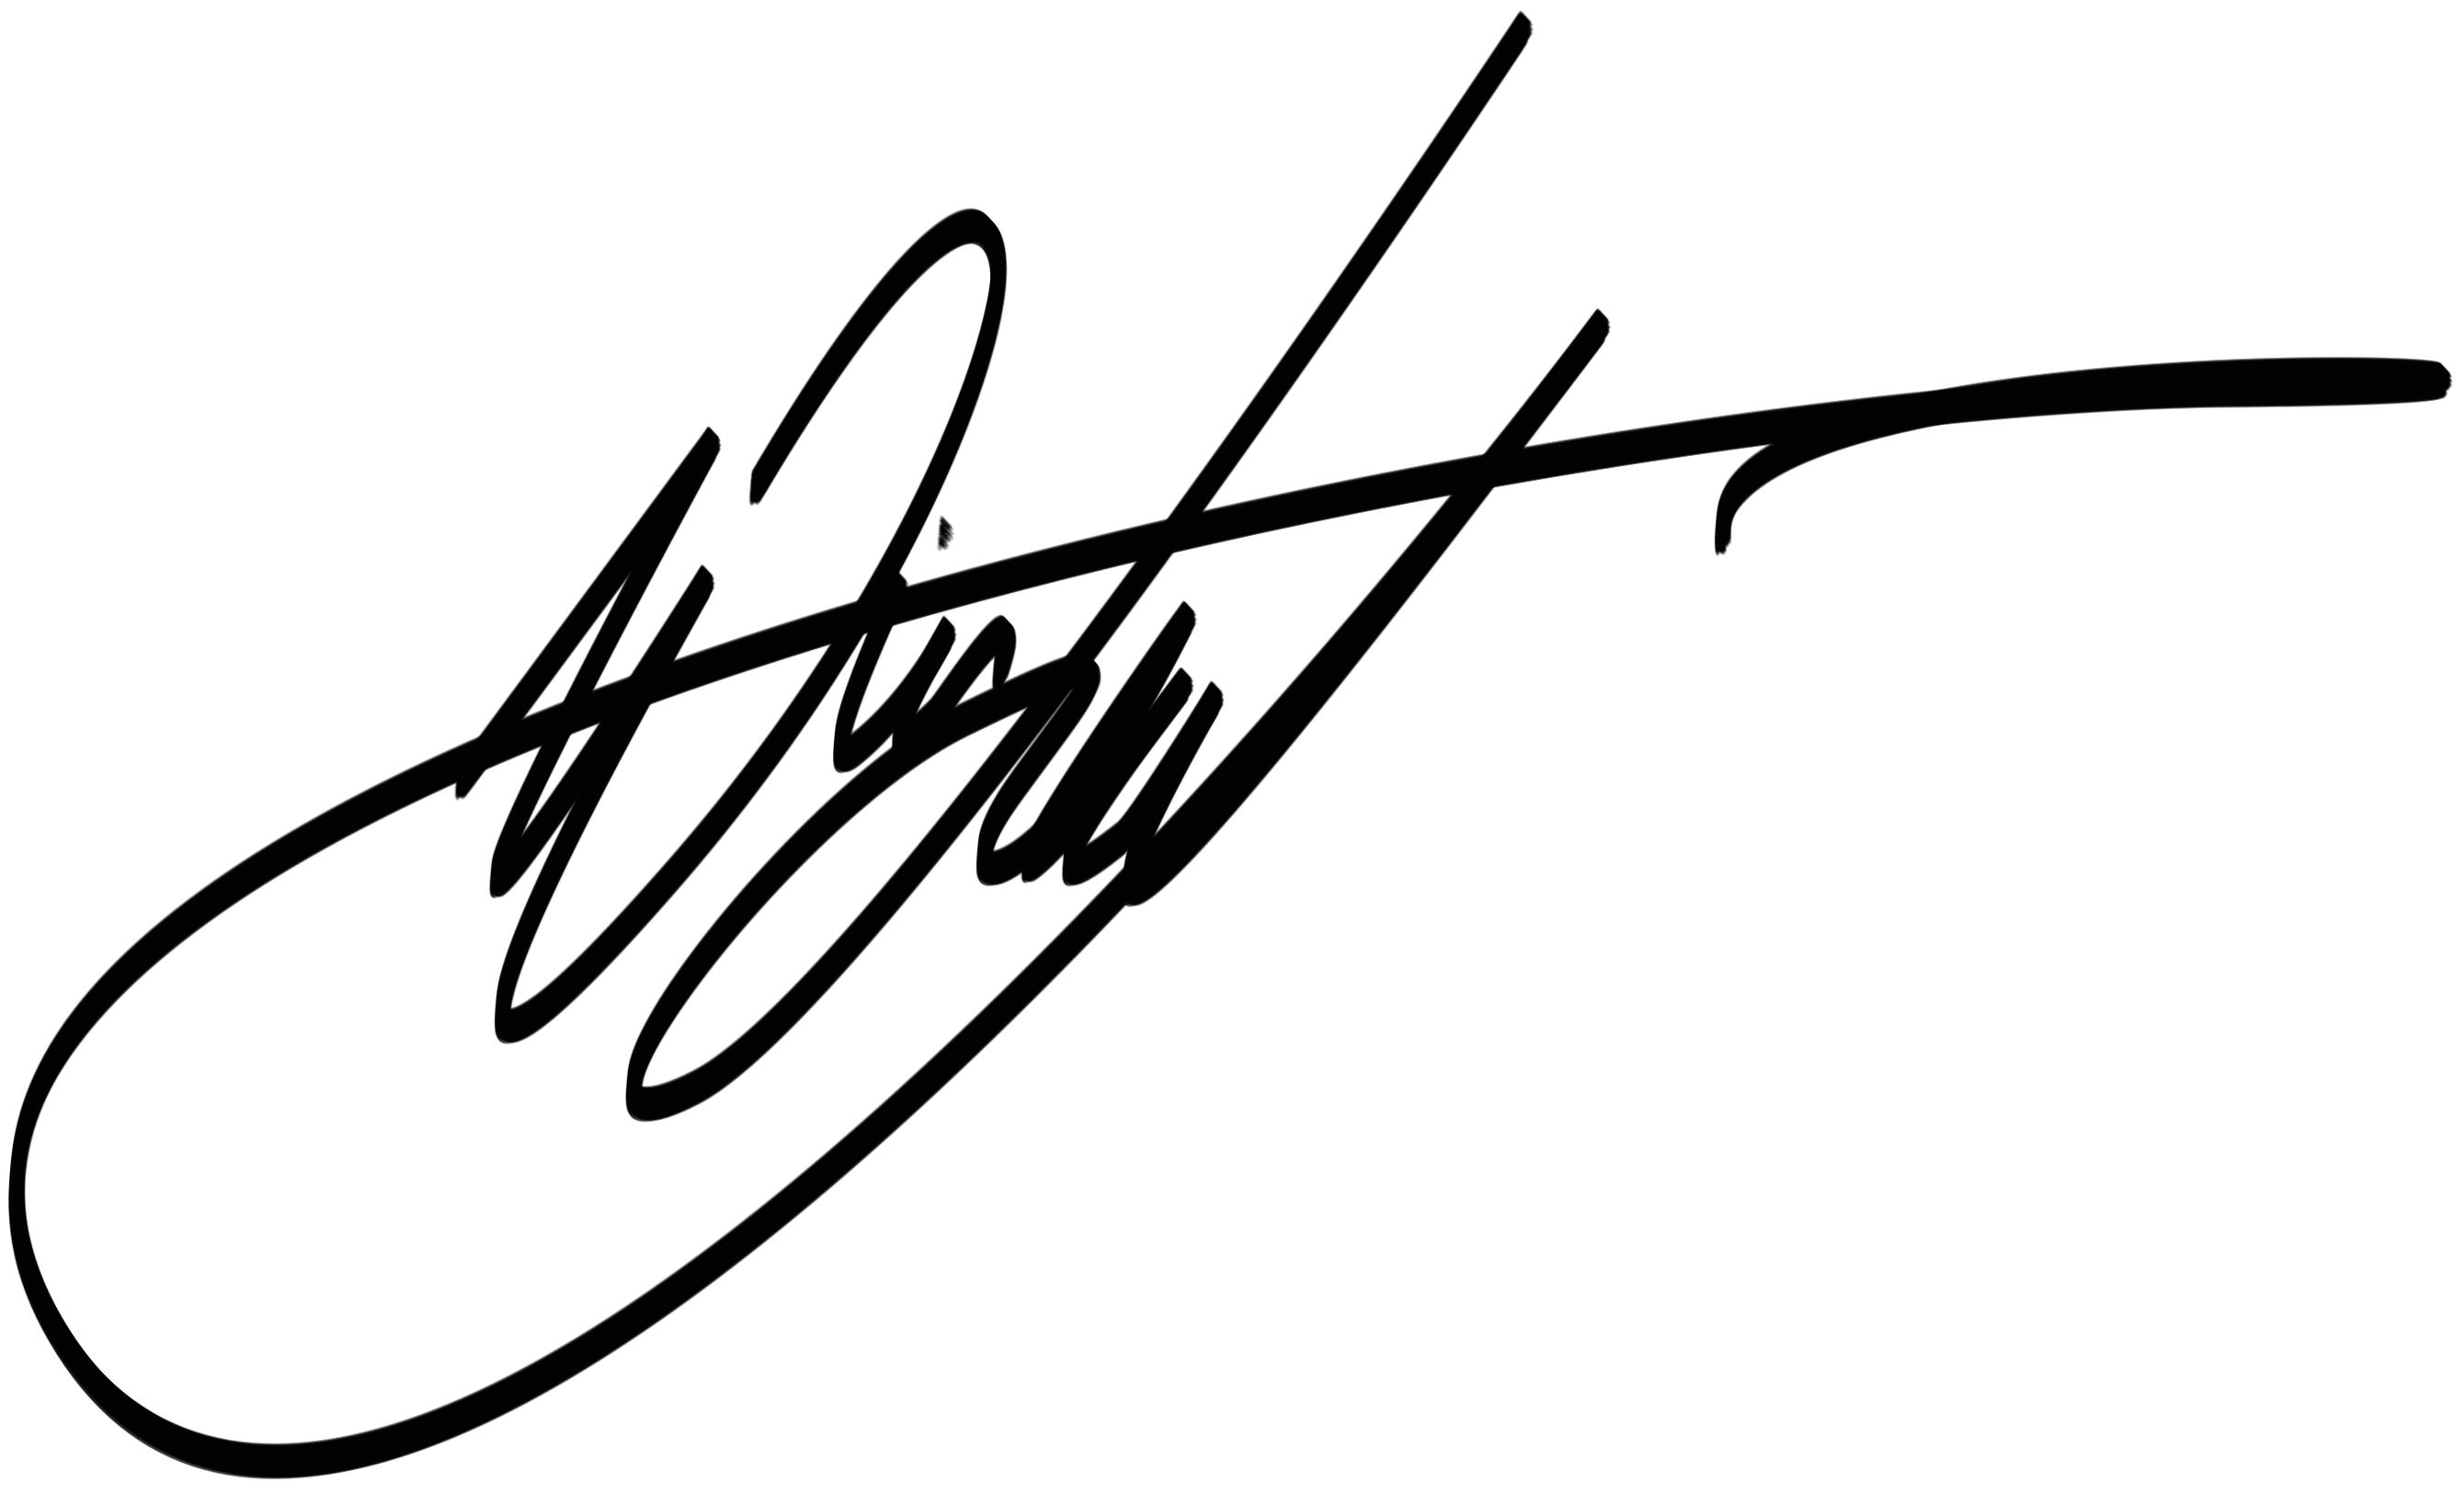 Del / levente wirsz's Signature